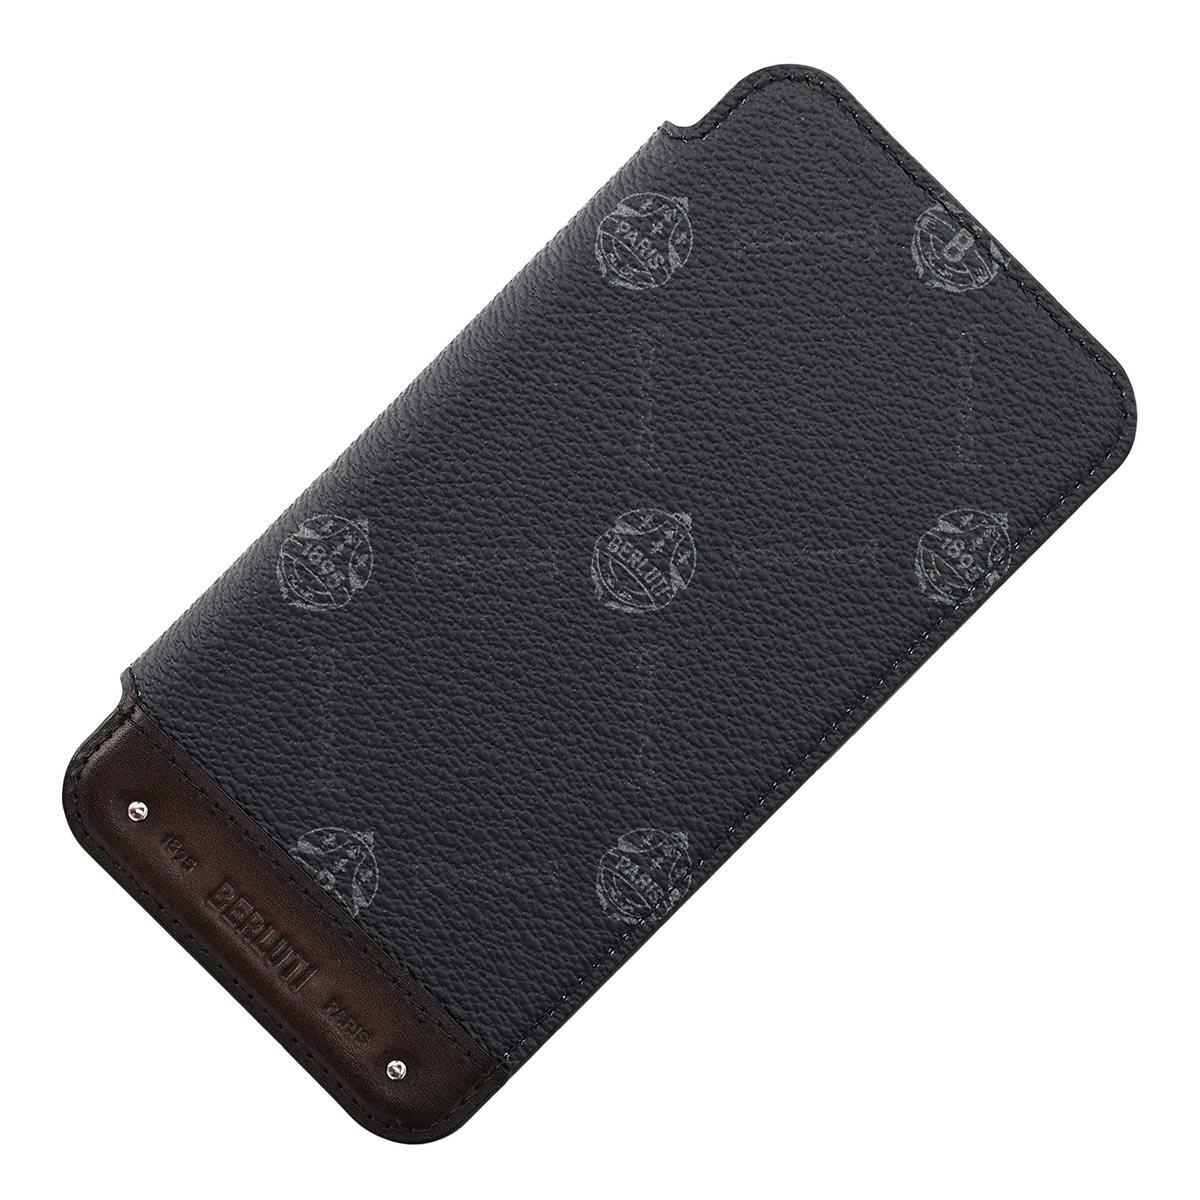 スマートフォン・携帯電話アクセサリー, ケース・カバー  BERLUTI x217009 ka2 iPhone 12 Pro